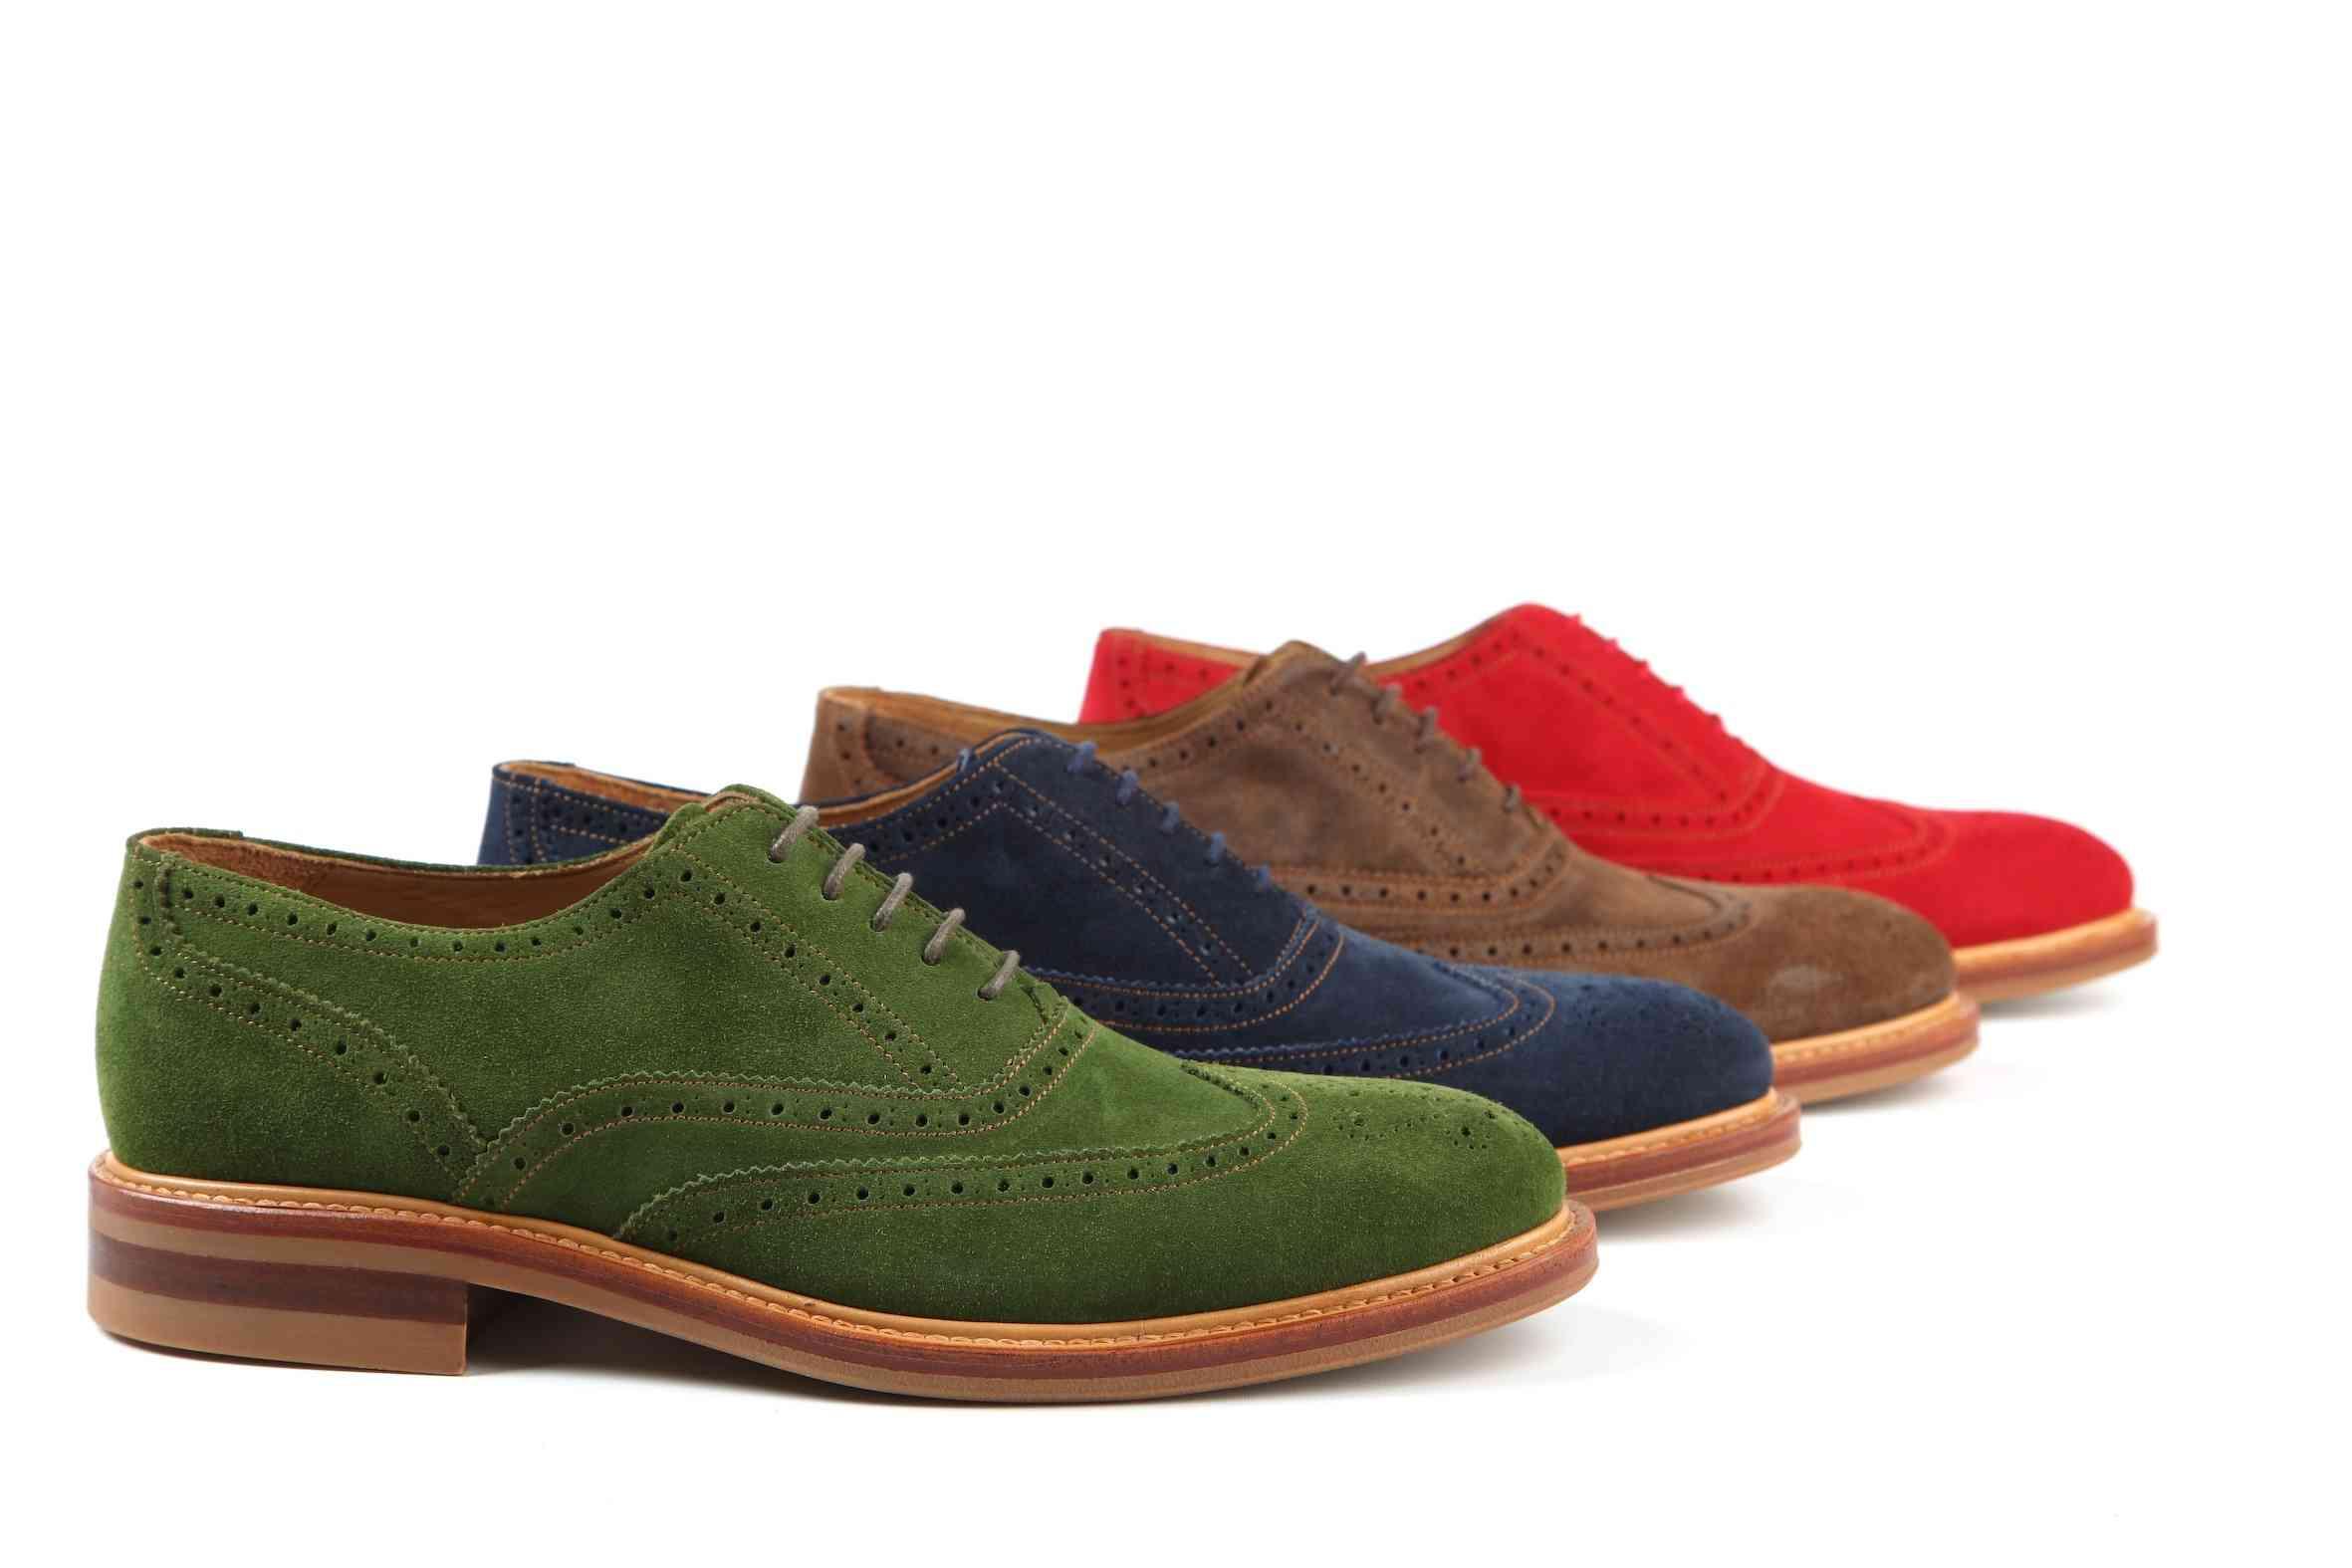 John White Shoes - Langham all colours - www.gentlemansbutler.com